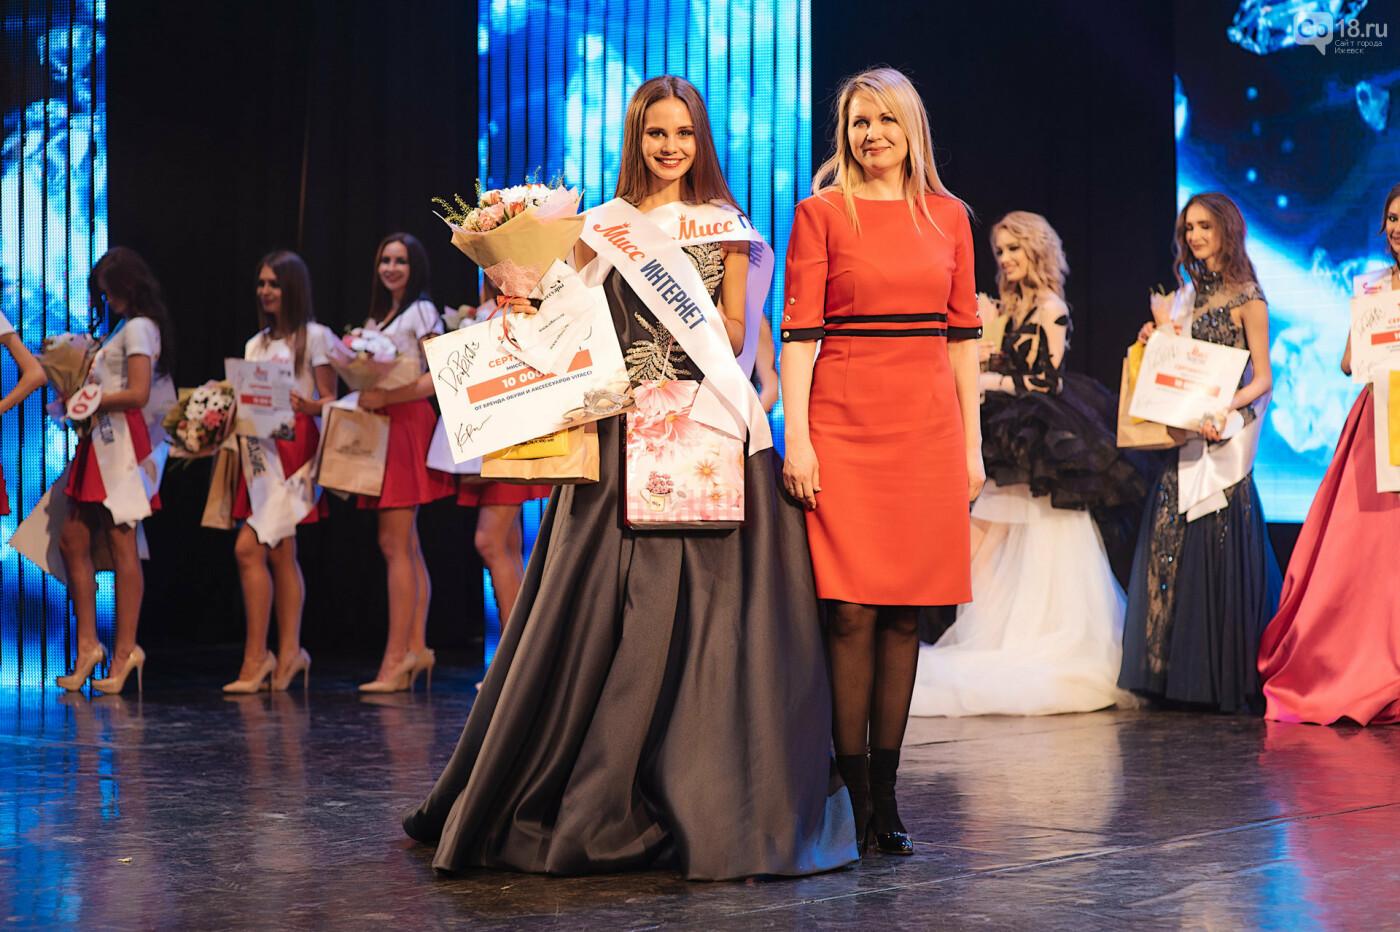 Издатель портала Go18.ru вручила планшет «Мисс Интернет» в Ижевске , фото-1